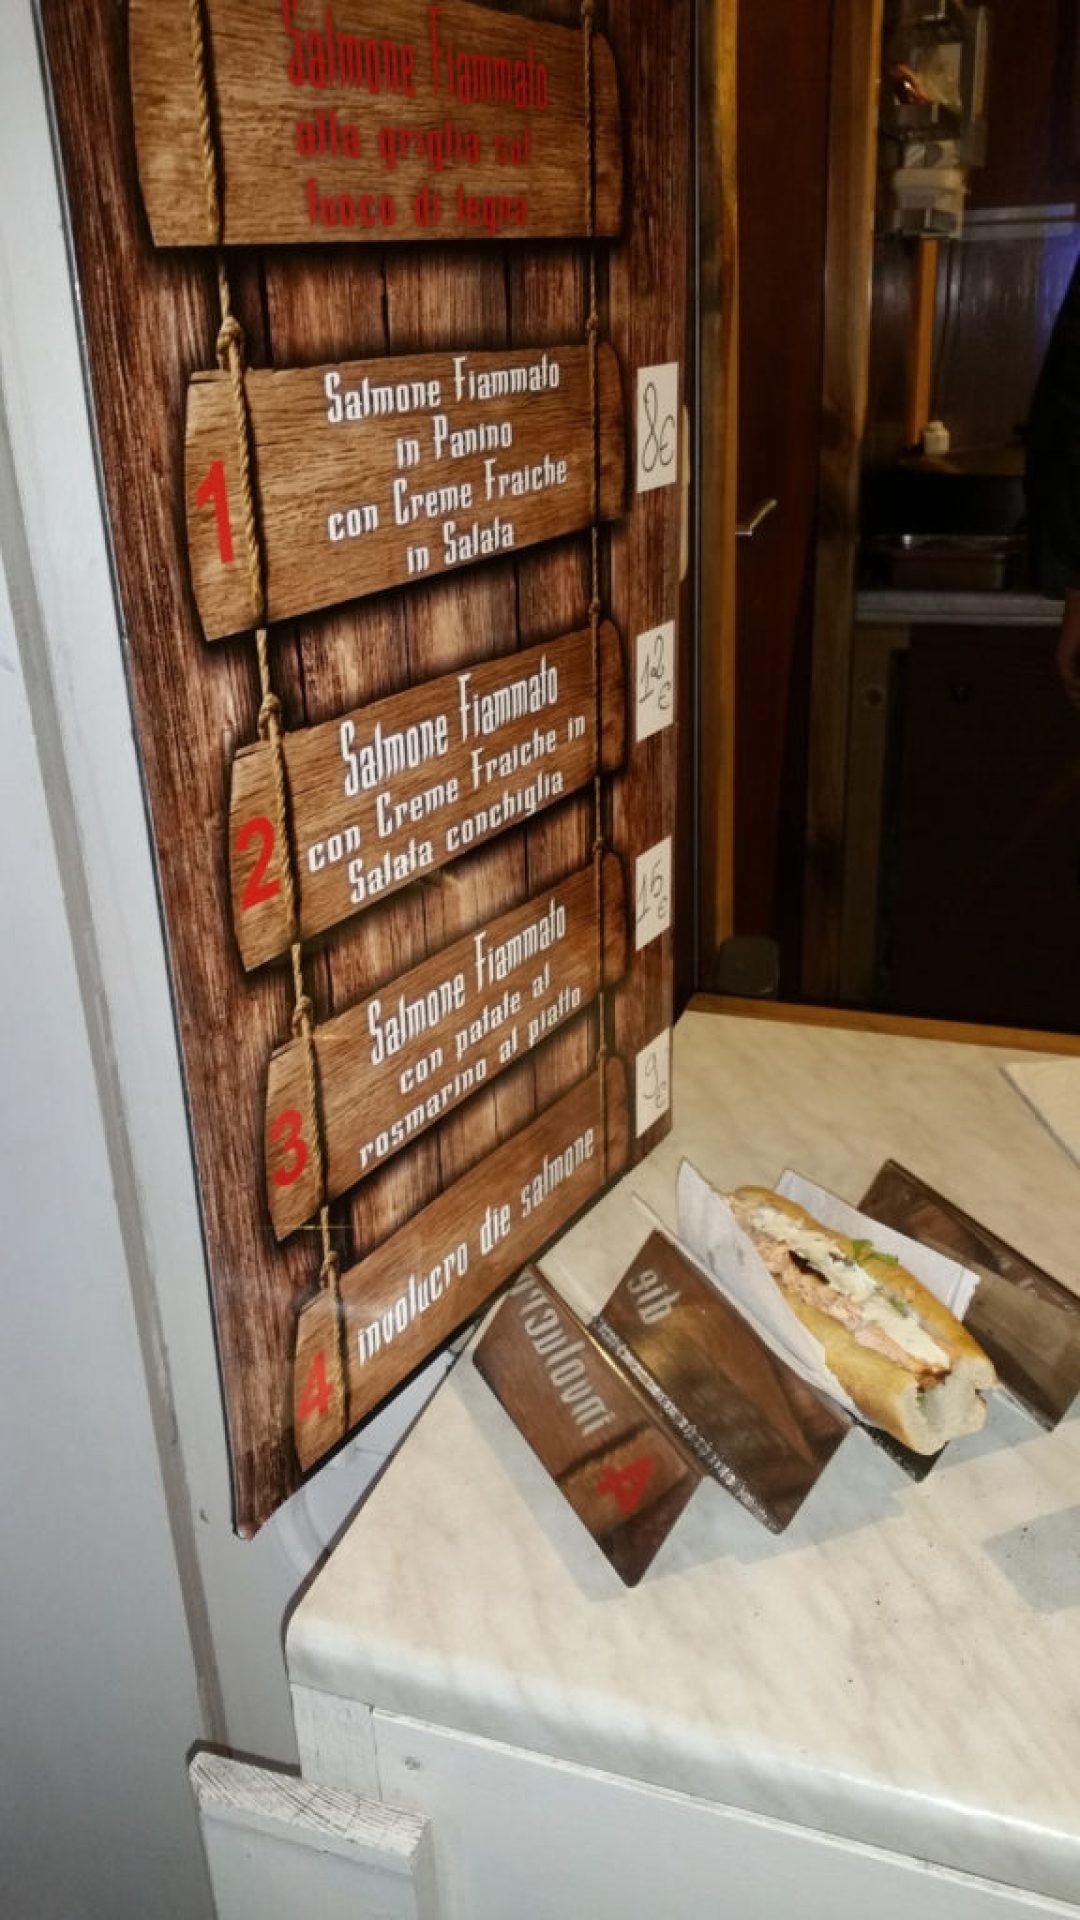 Σάντουιτς με σολωμό, sandwich with Salmon, Paris